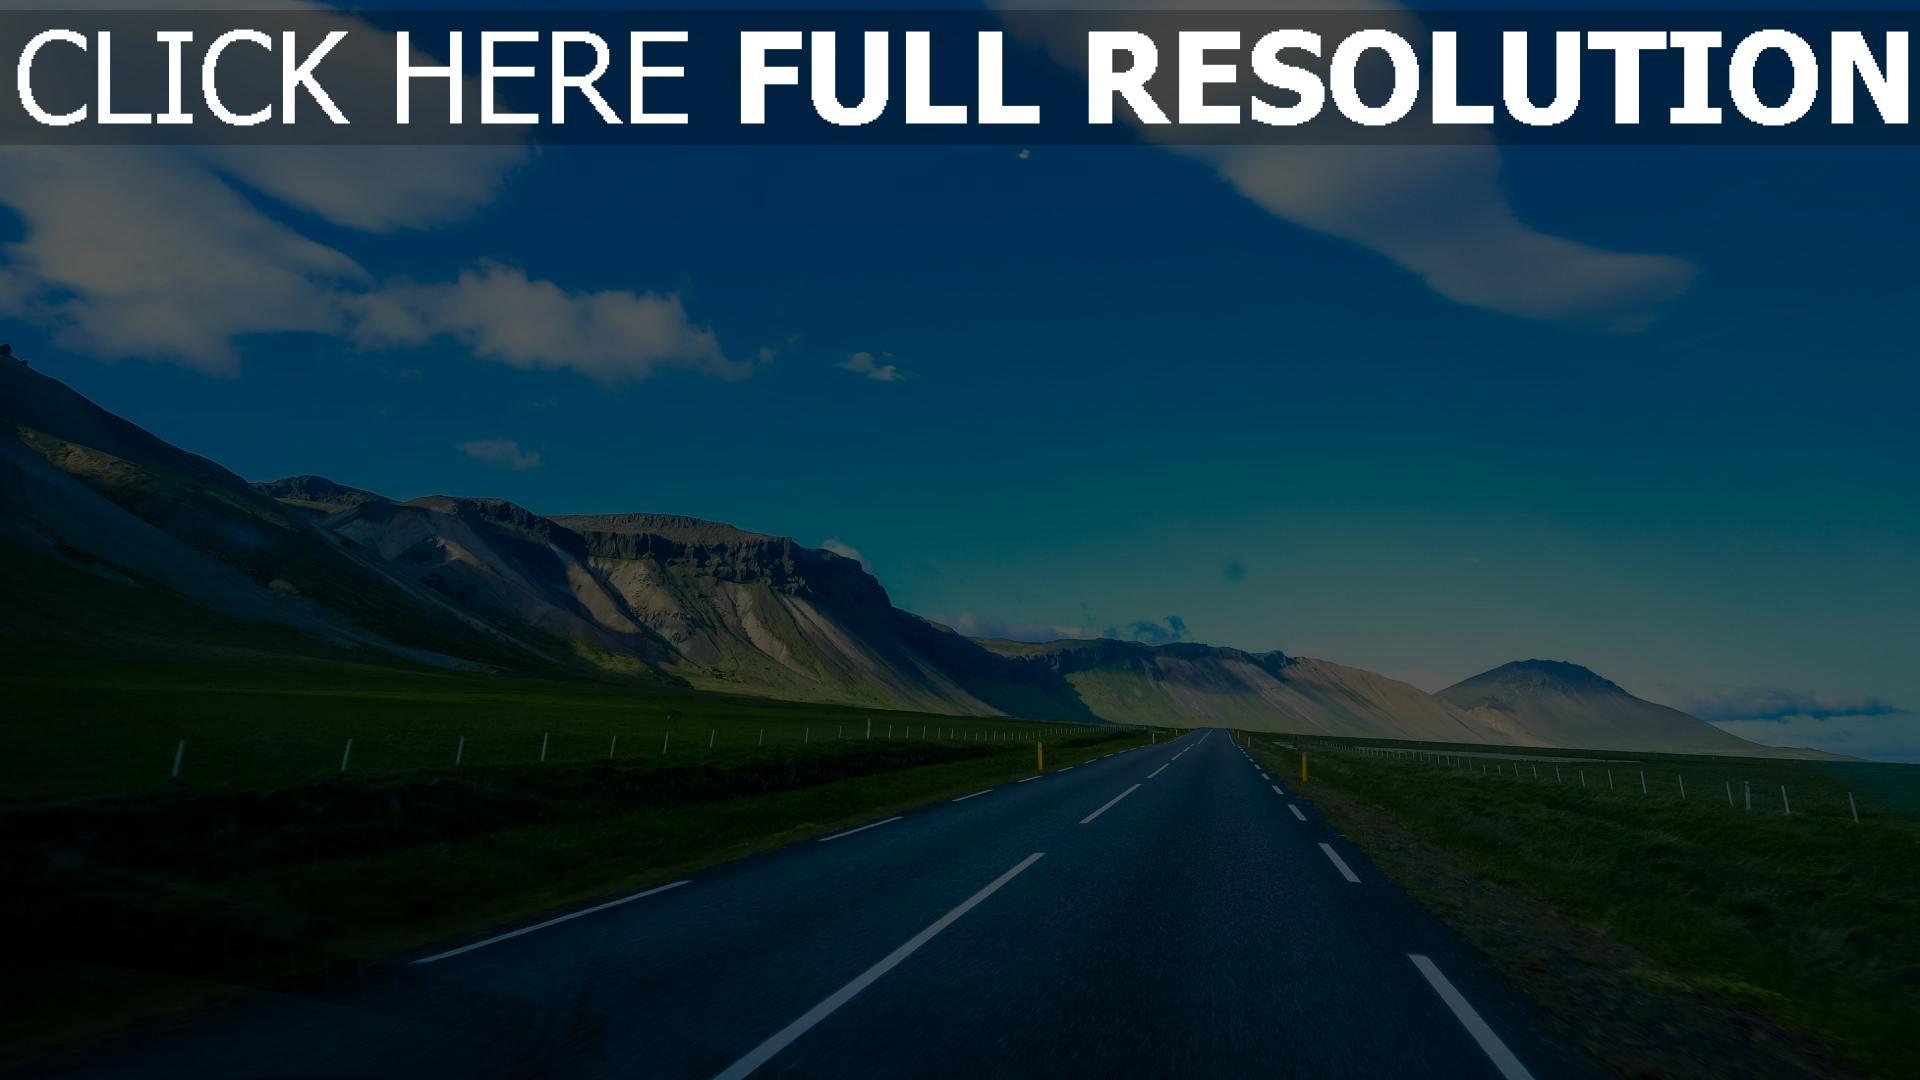 hd hintergrundbilder berge markierung himmel straße 1920x1080